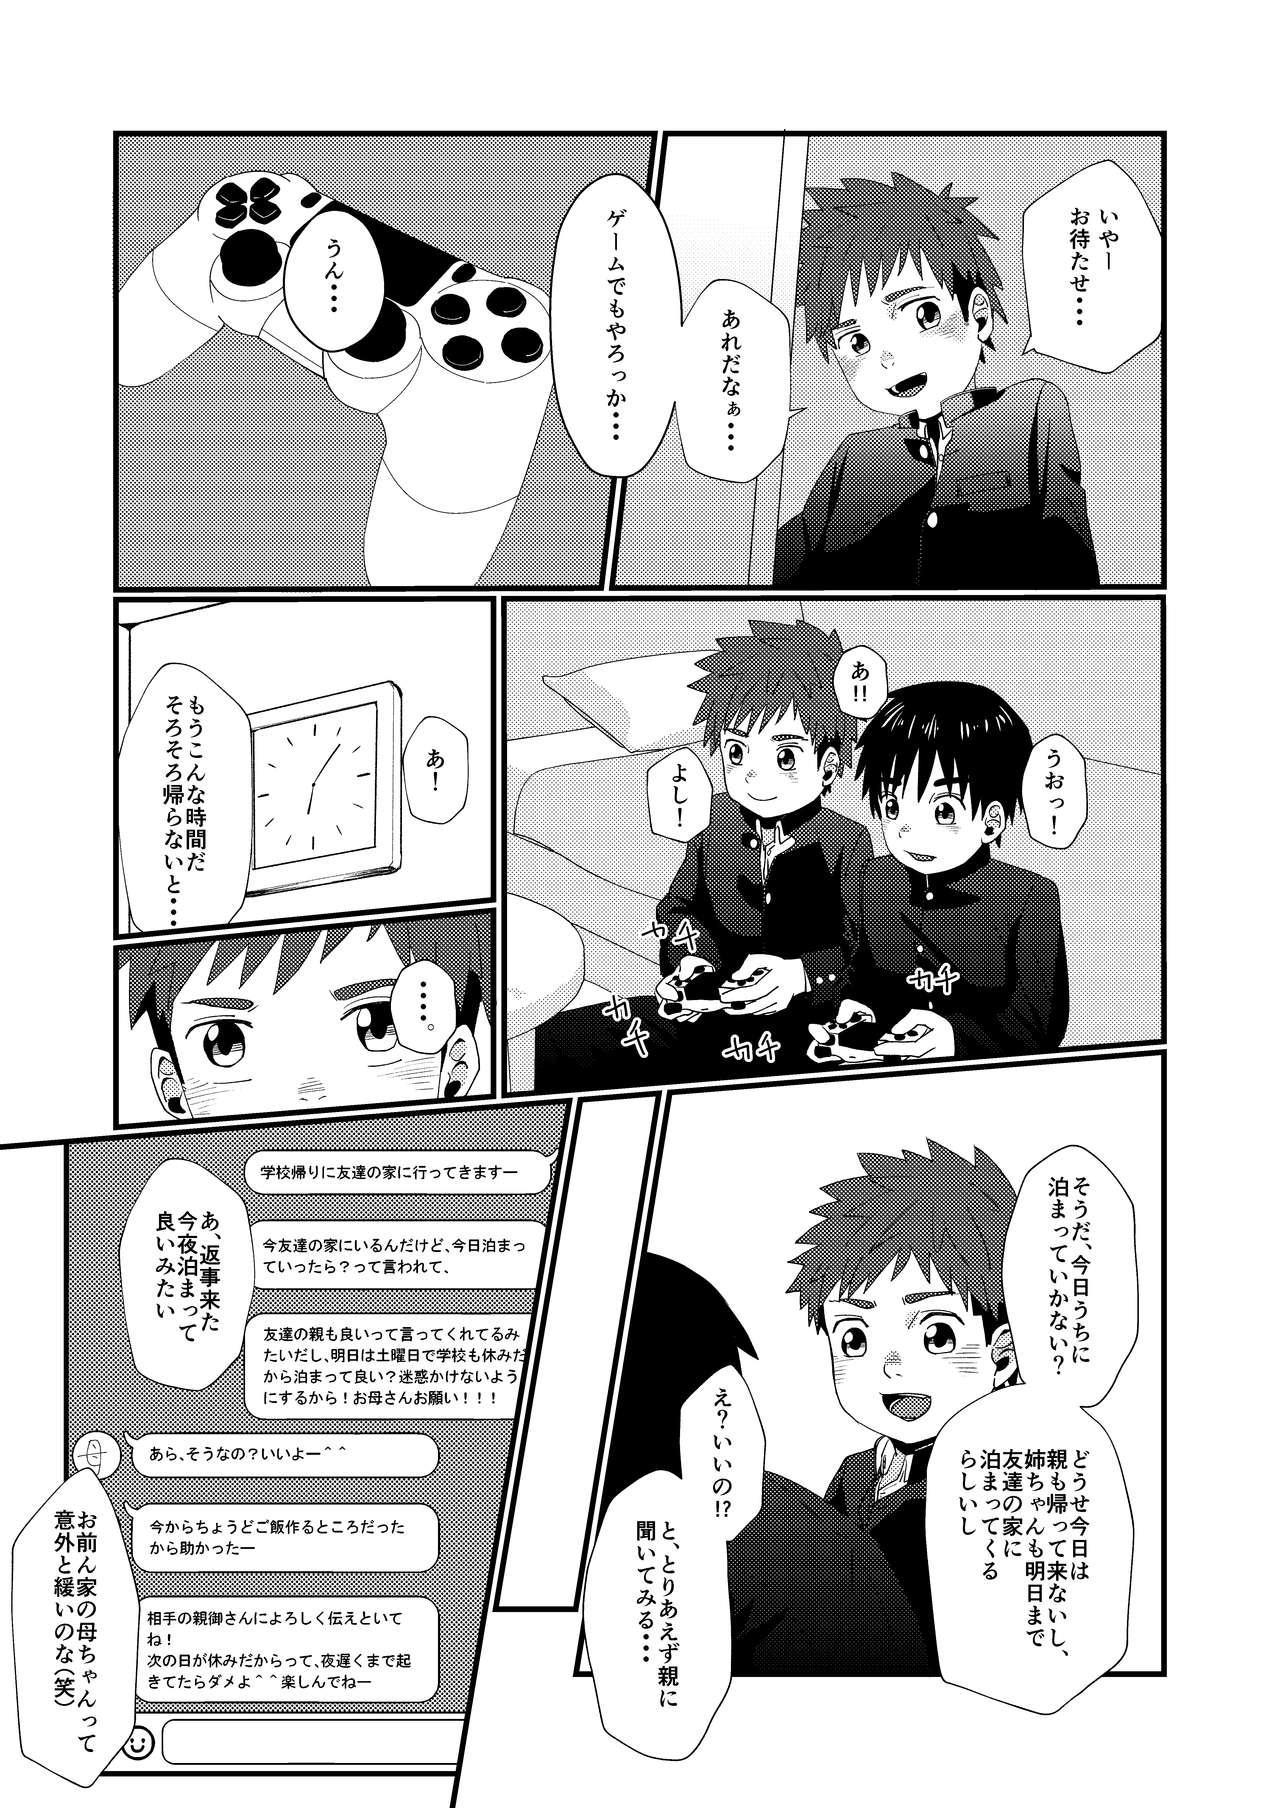 Doukyuusei to Otomari 13